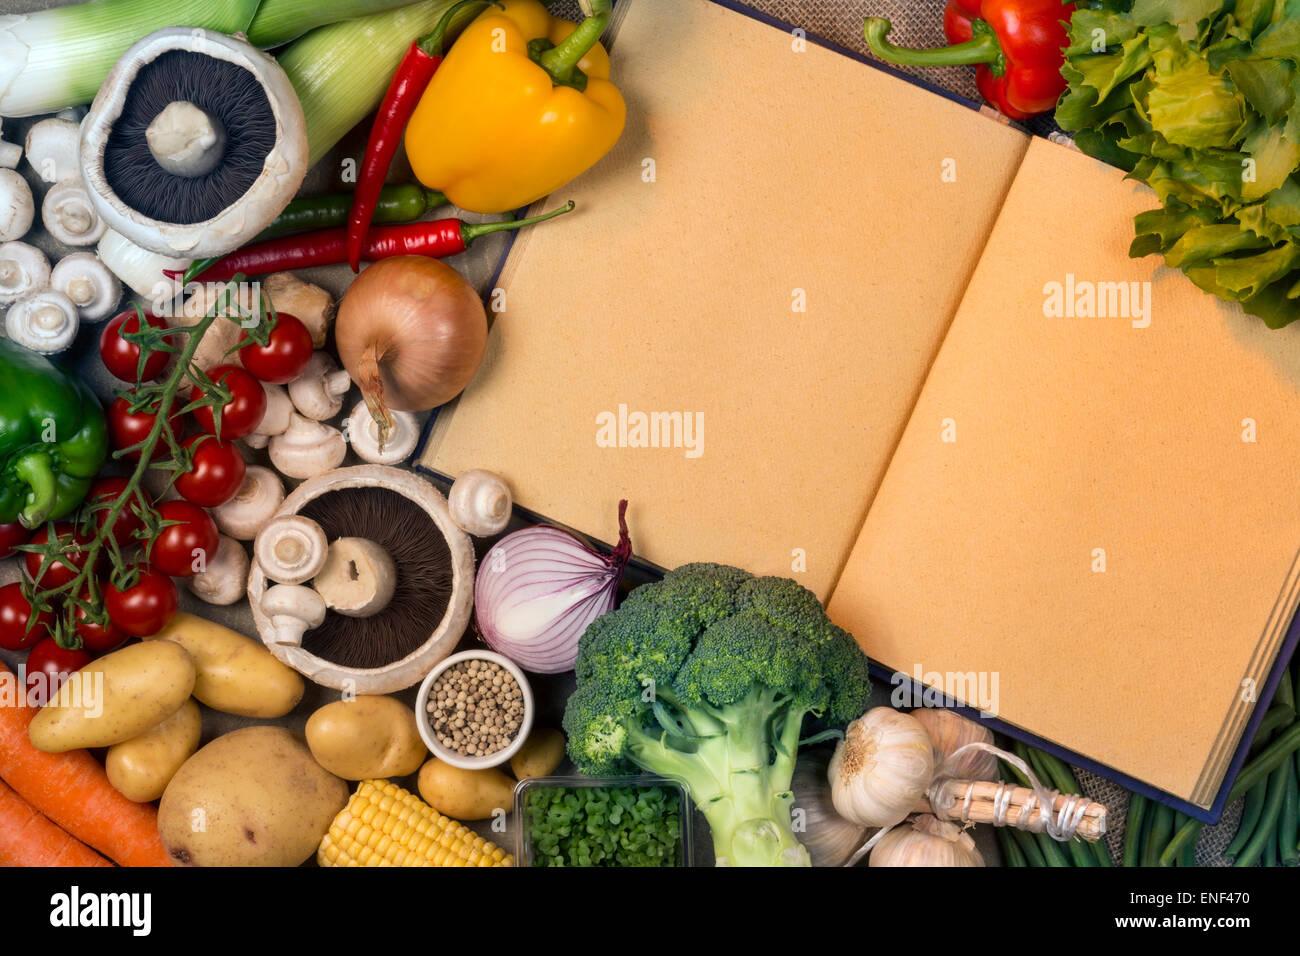 Les légumes frais et les livre avec des pages blanches - l'espace pour votre texte Photo Stock